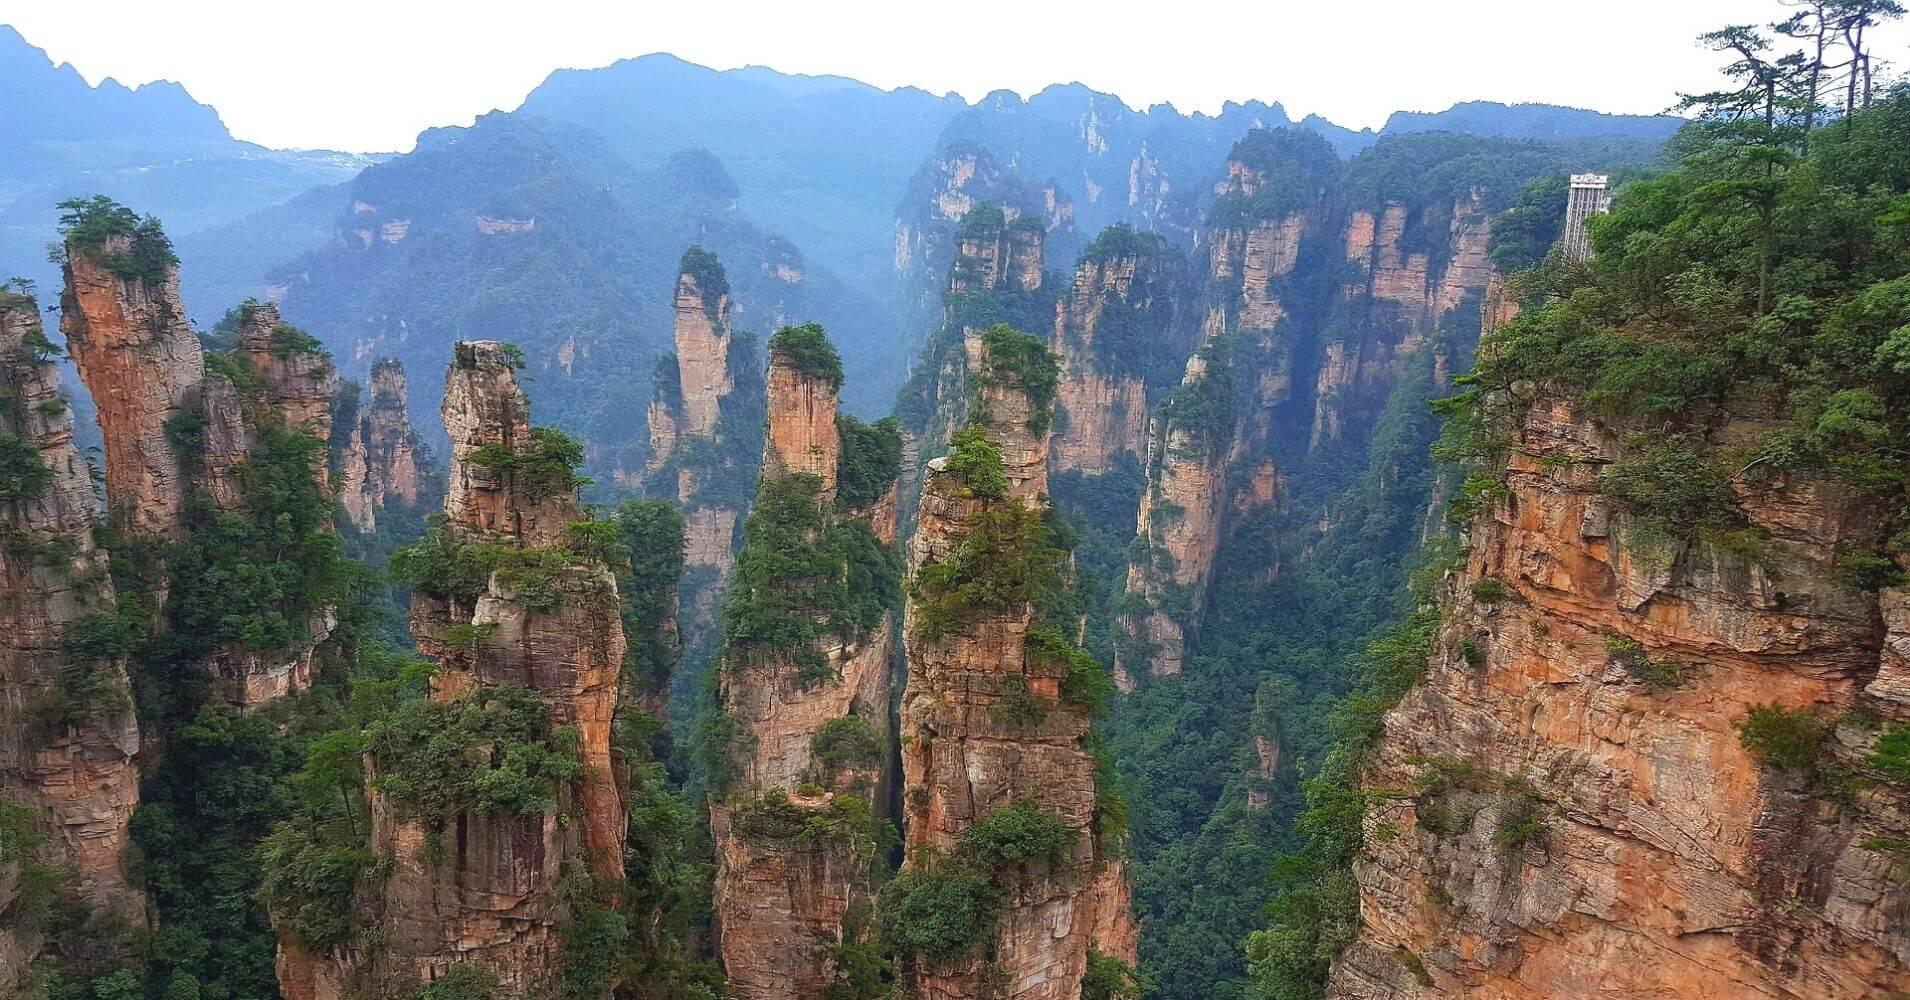 Parque Forestal Nacional de Zhangjiajie.